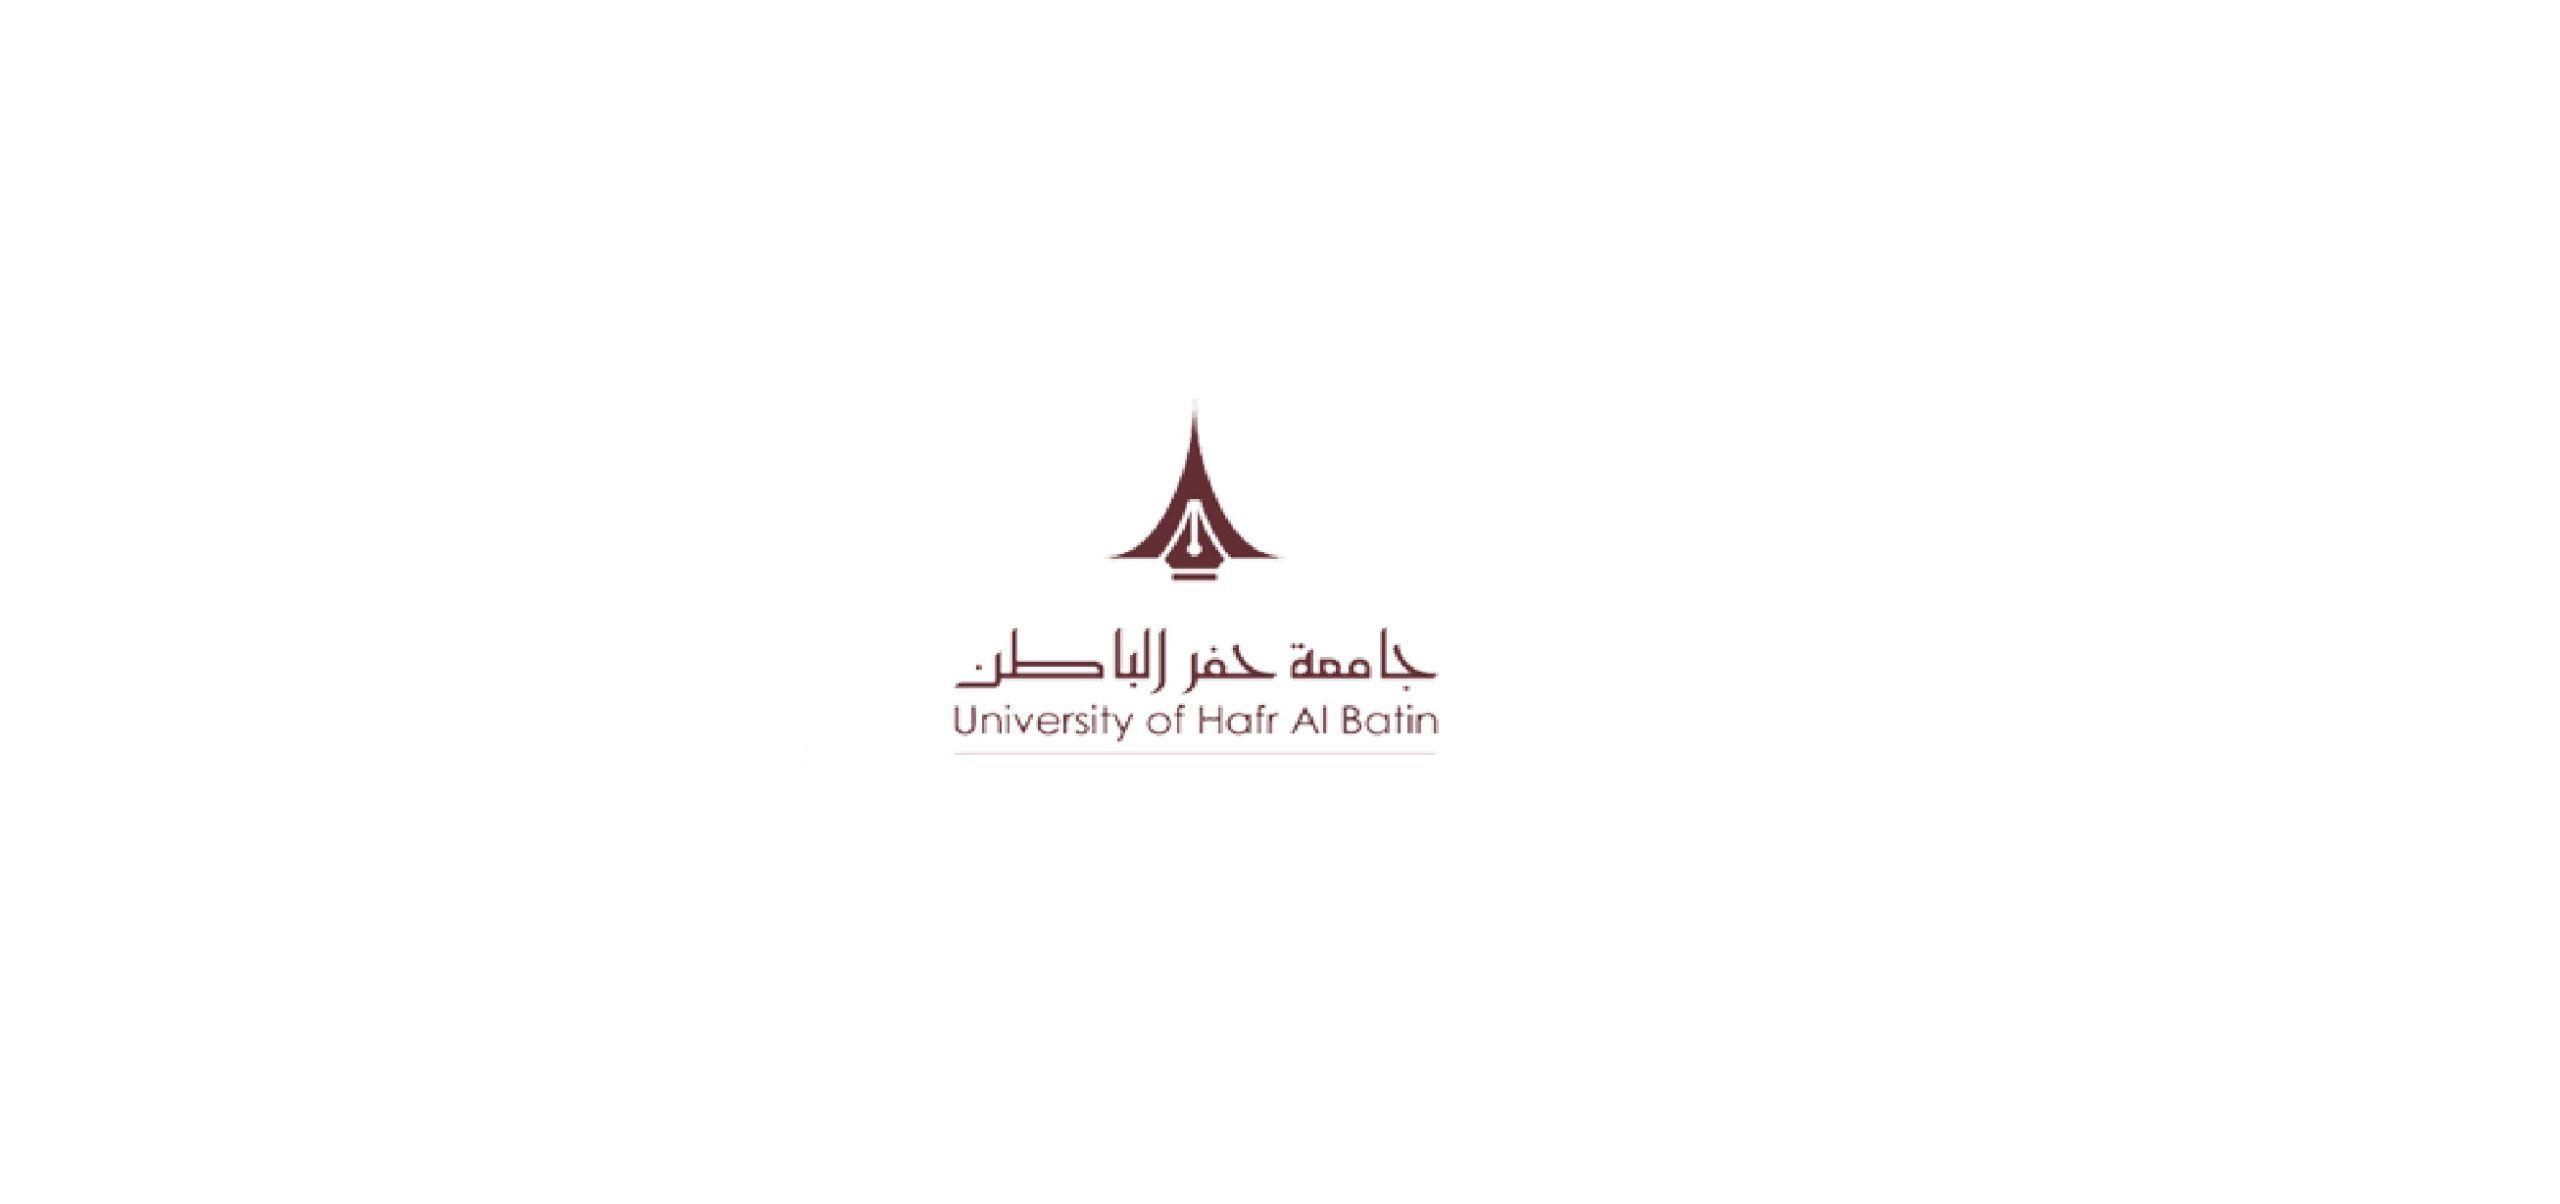 جامعة حفر الباطن تعلن عن حاجتها لتعيين أعضاء هيئة تدريس سعوديين من حملة شهادة الدكتوراه للجنسين University Job